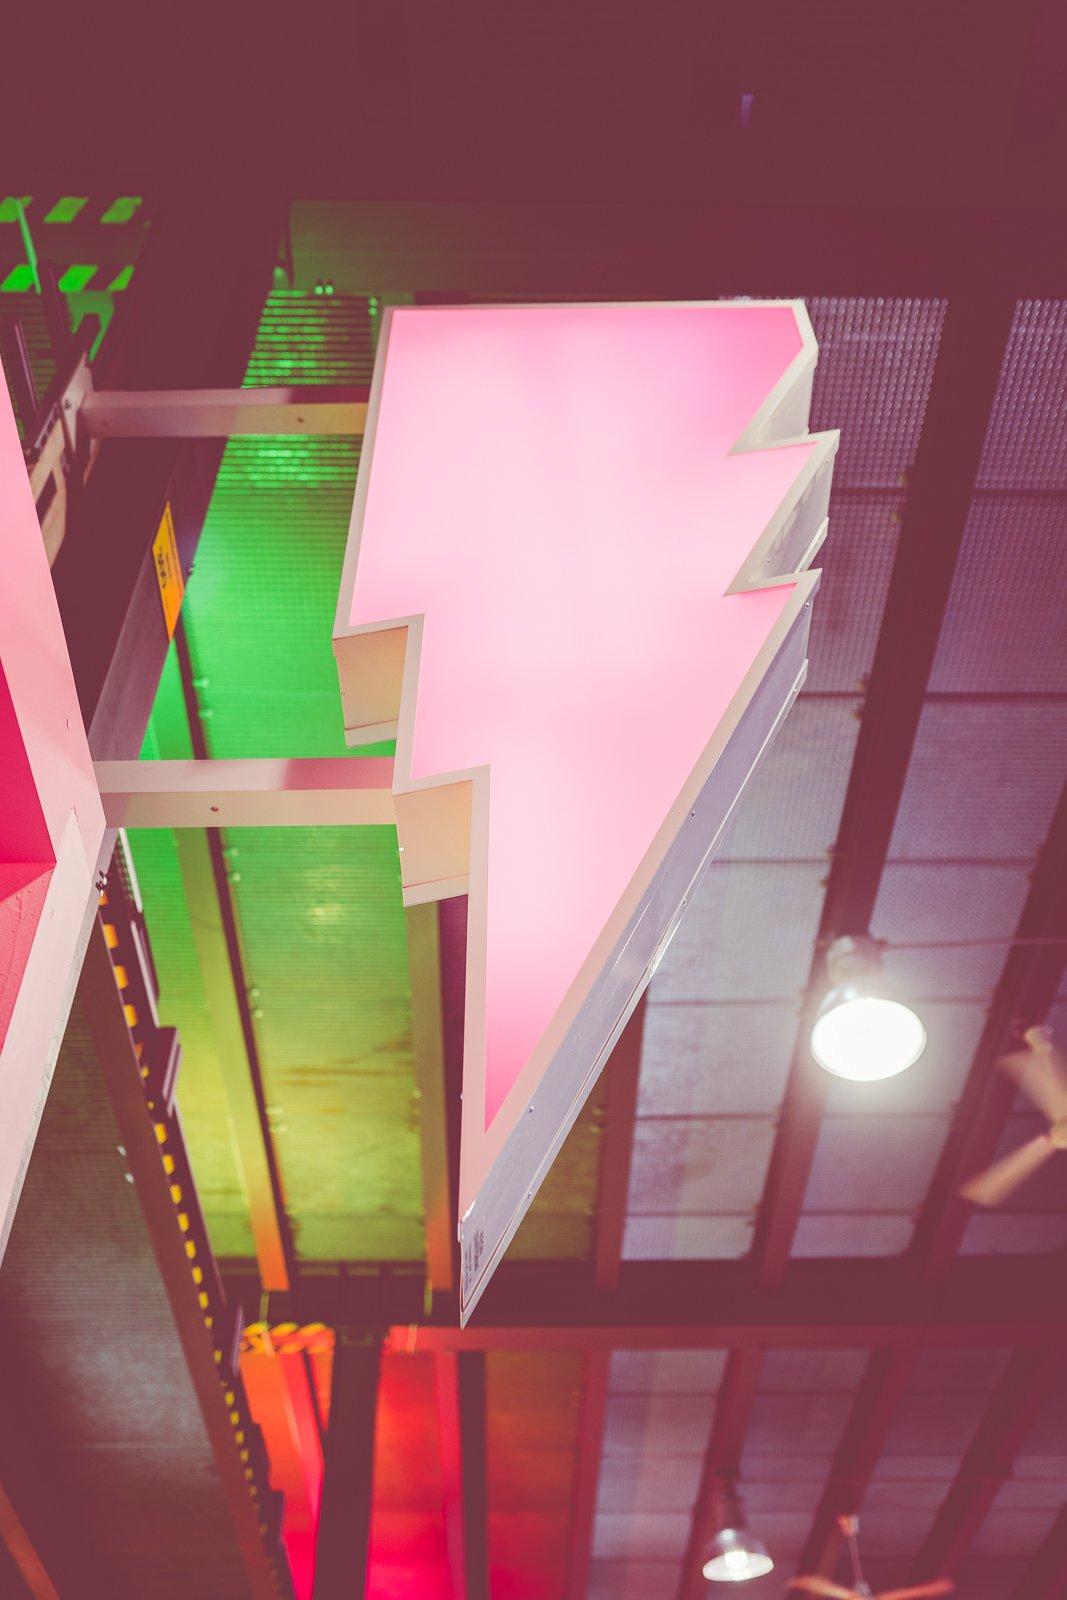 Supercandy-popup-museum-koeln